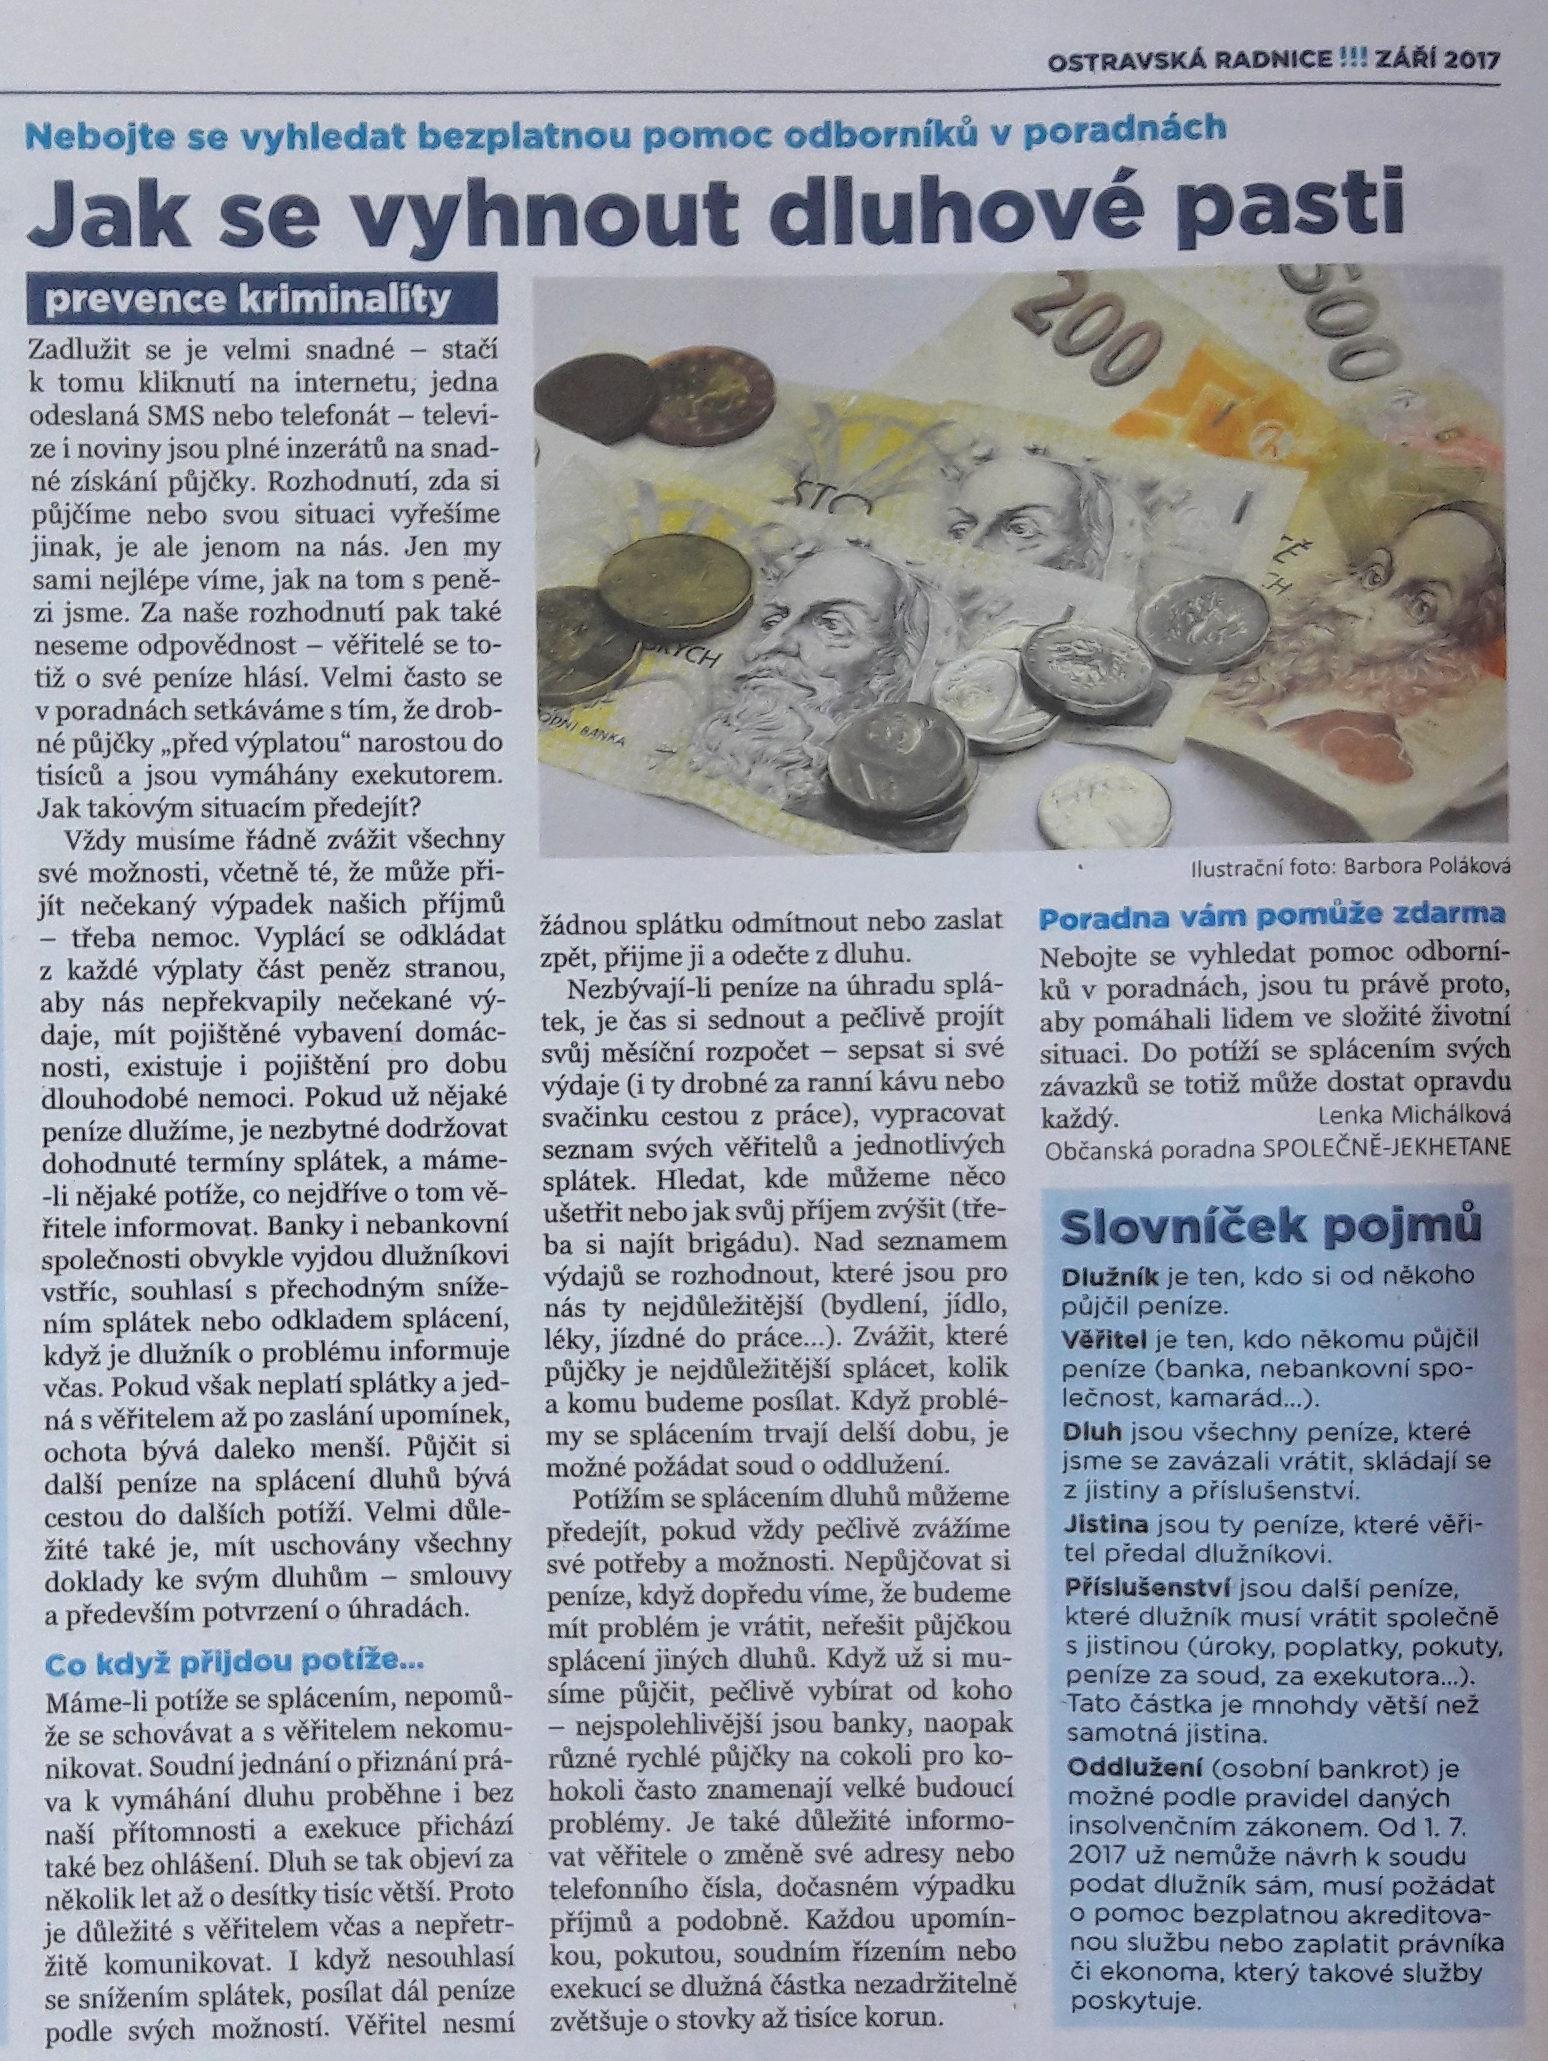 Článek Ostravská radnice - dluhy 9_2017